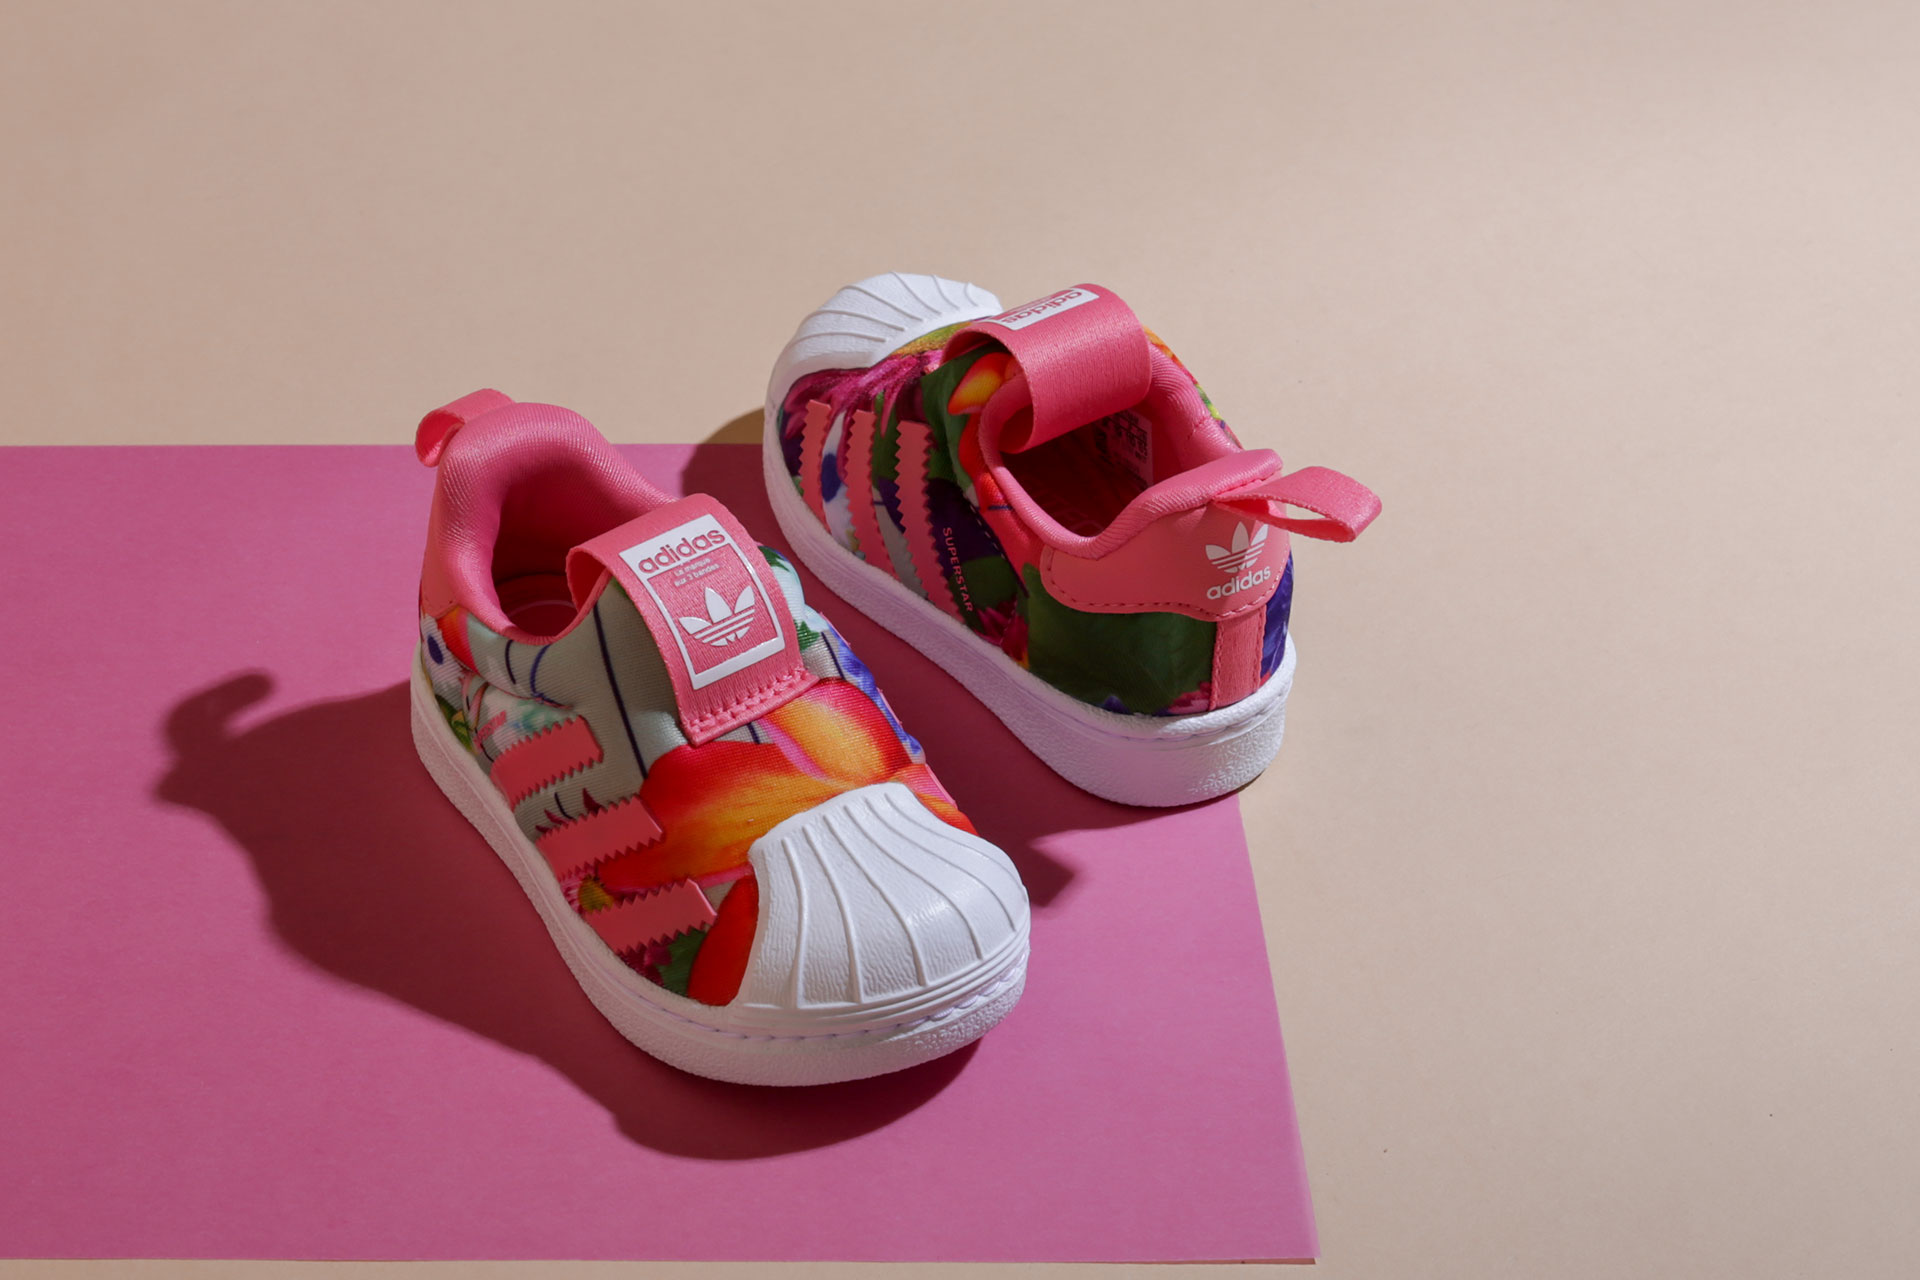 Детская обувь adidas Originals (Адидас Ориджинал) - купить по цене от 1890  рублей в интернет магазине Sneakerhead 8ad22184c09